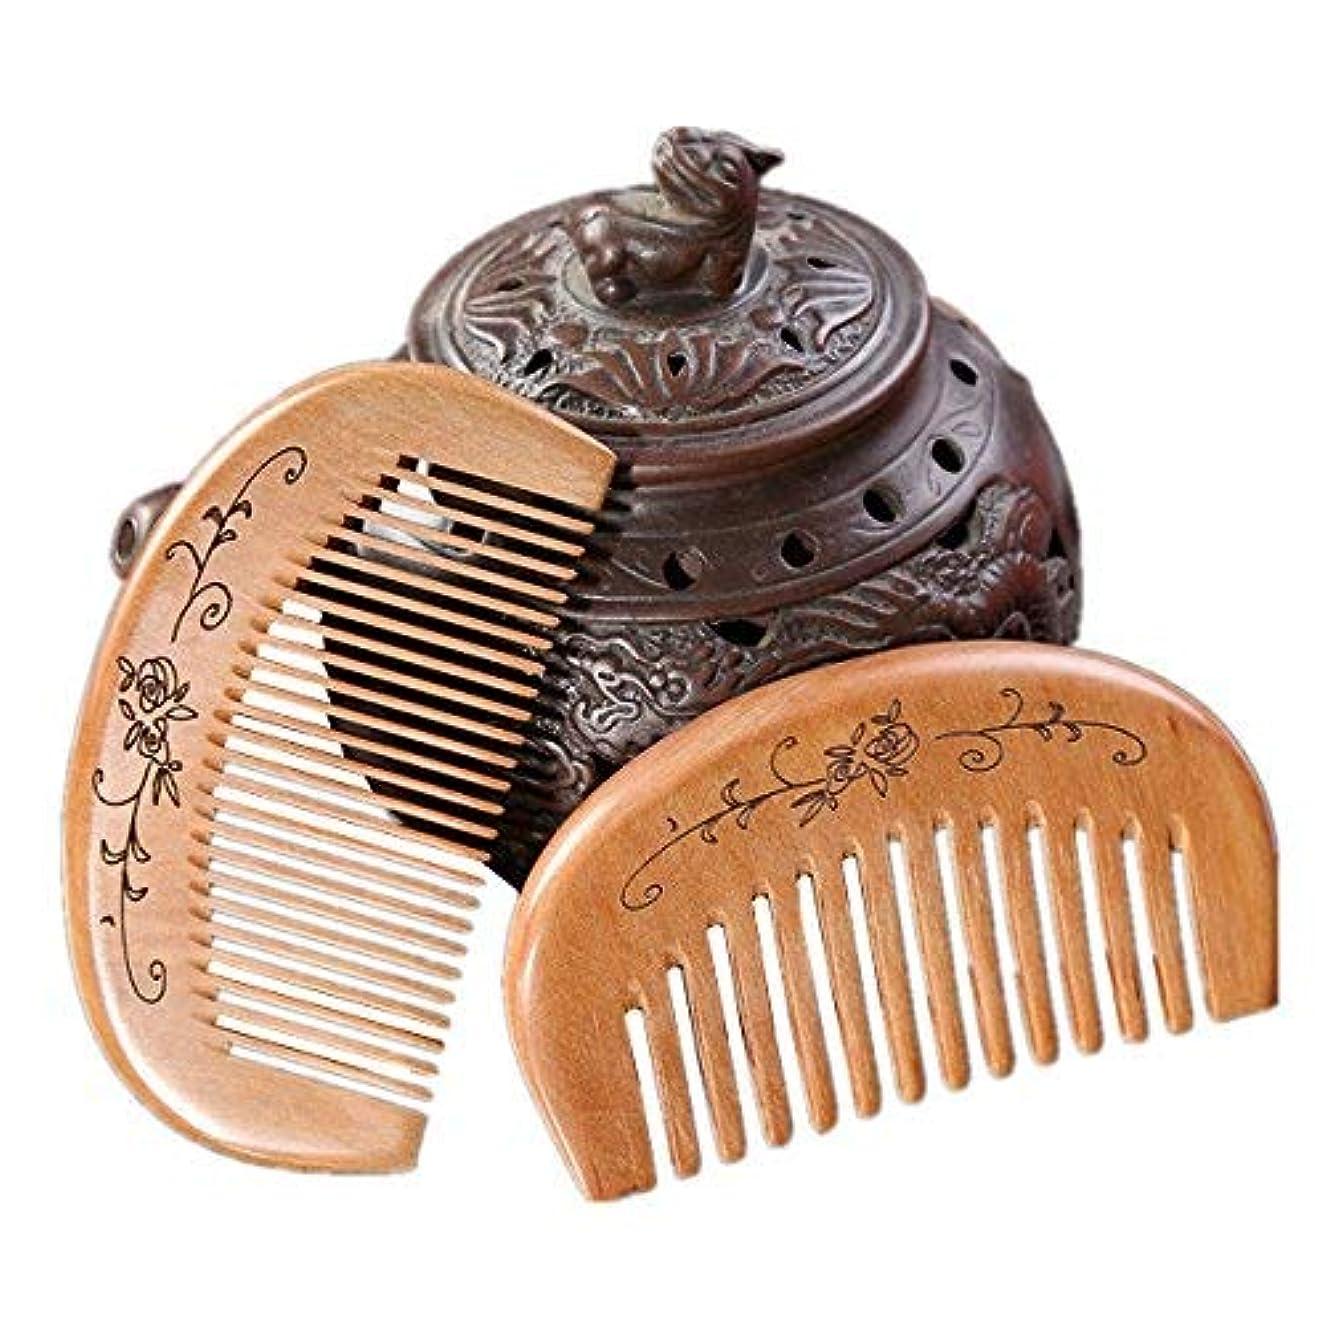 毎月キャンプ求人XINFU Natural Peachwood Portable Mini Hair Comb 2-Pieces Anti Static Relieve Fatigue Massage Comb [並行輸入品]